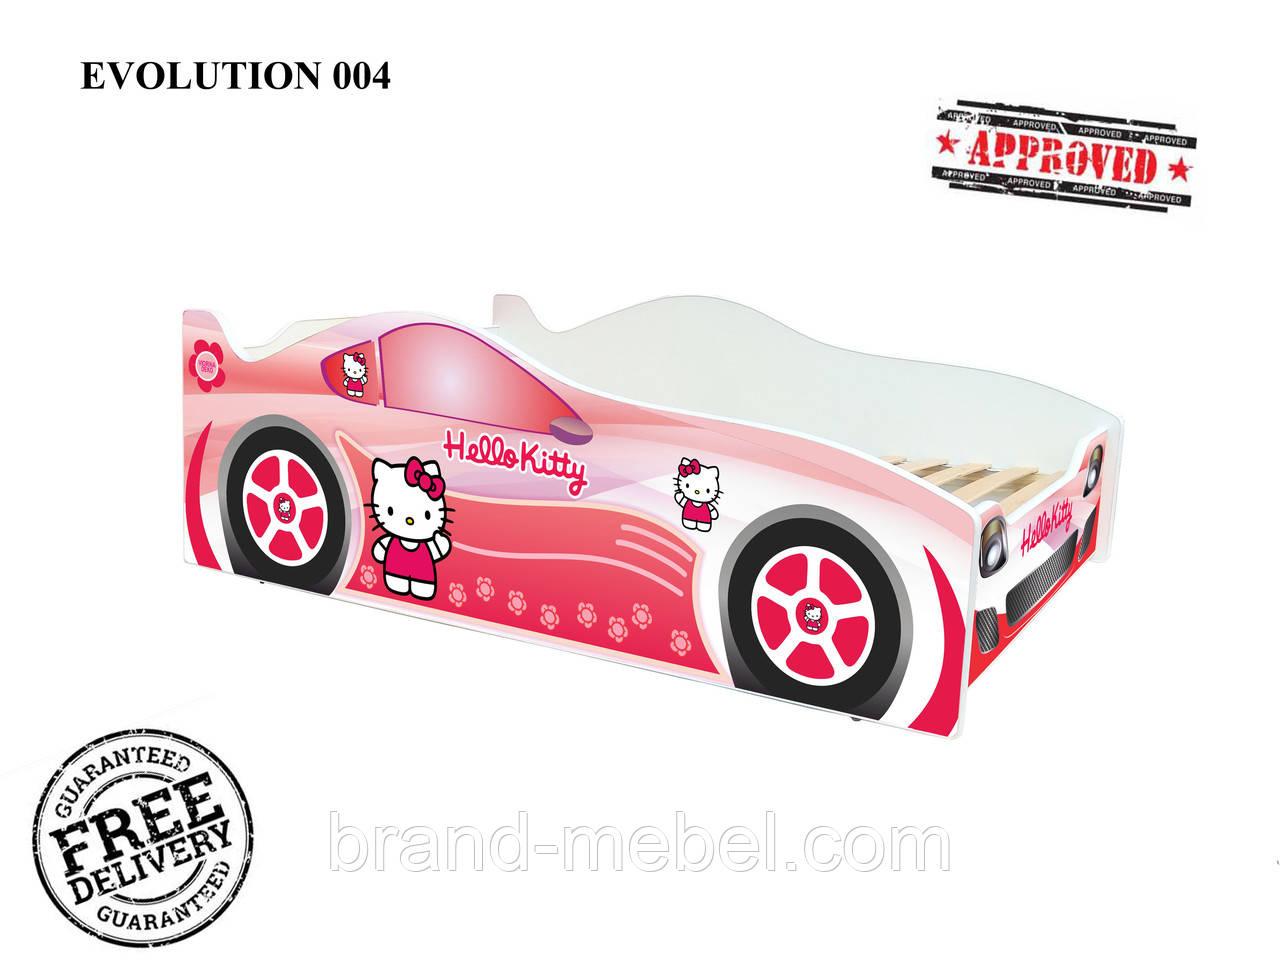 """Детская кровать машина Китти серии """"Evolution"""""""